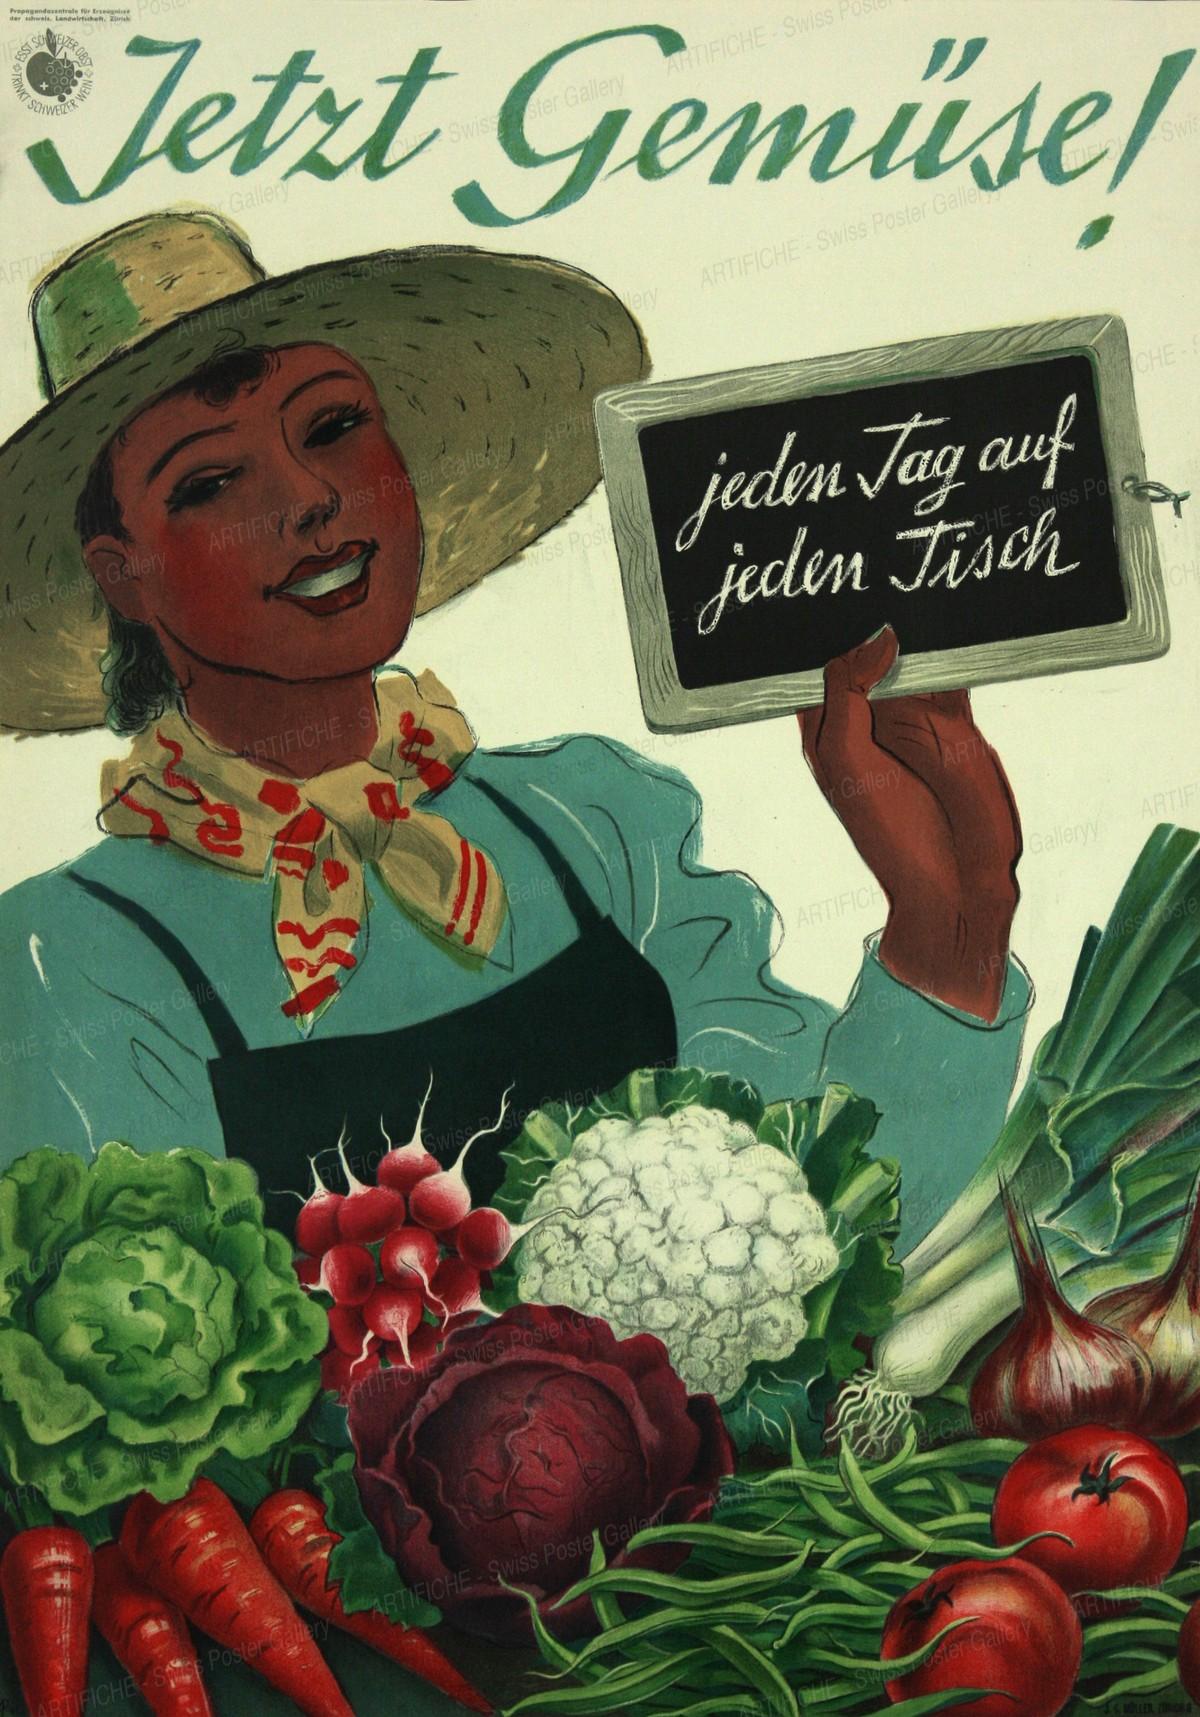 Jetzt Gemüse! Jeden Tag auf jeden Tisch, Hugo Laubi